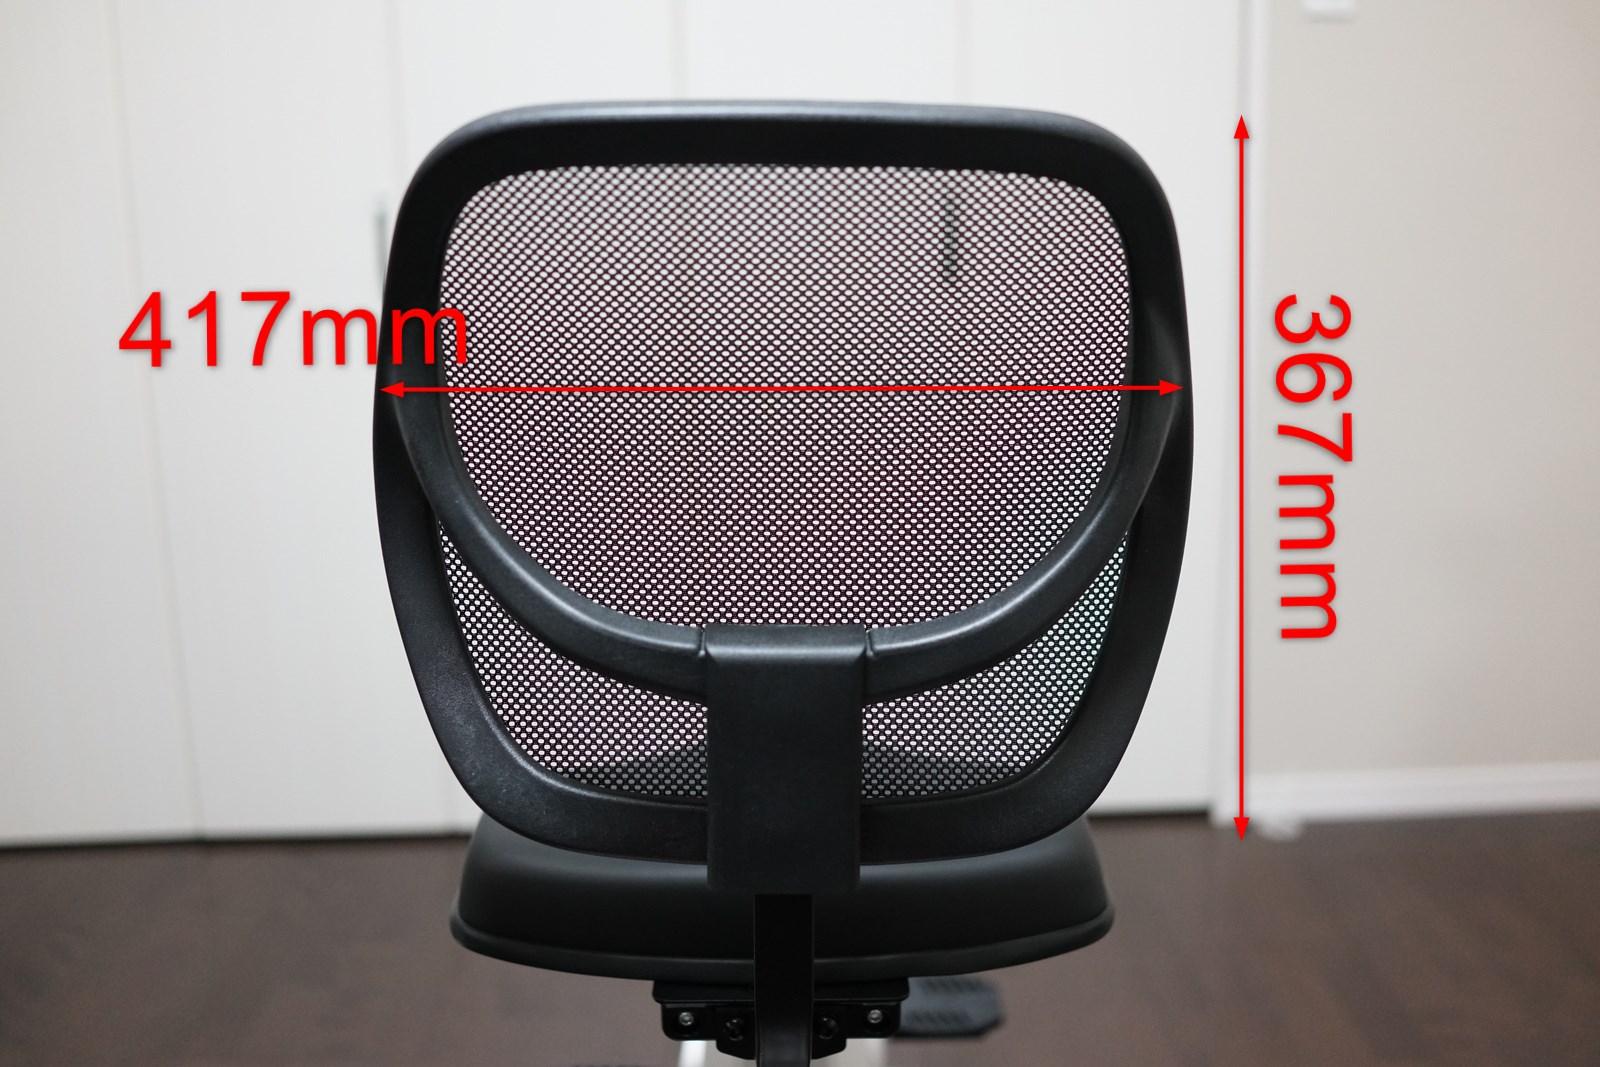 flexispot Sit2Go FC211 レビュー 背もたれ付きで安定した座り心地でどんどんペダルを漕げる